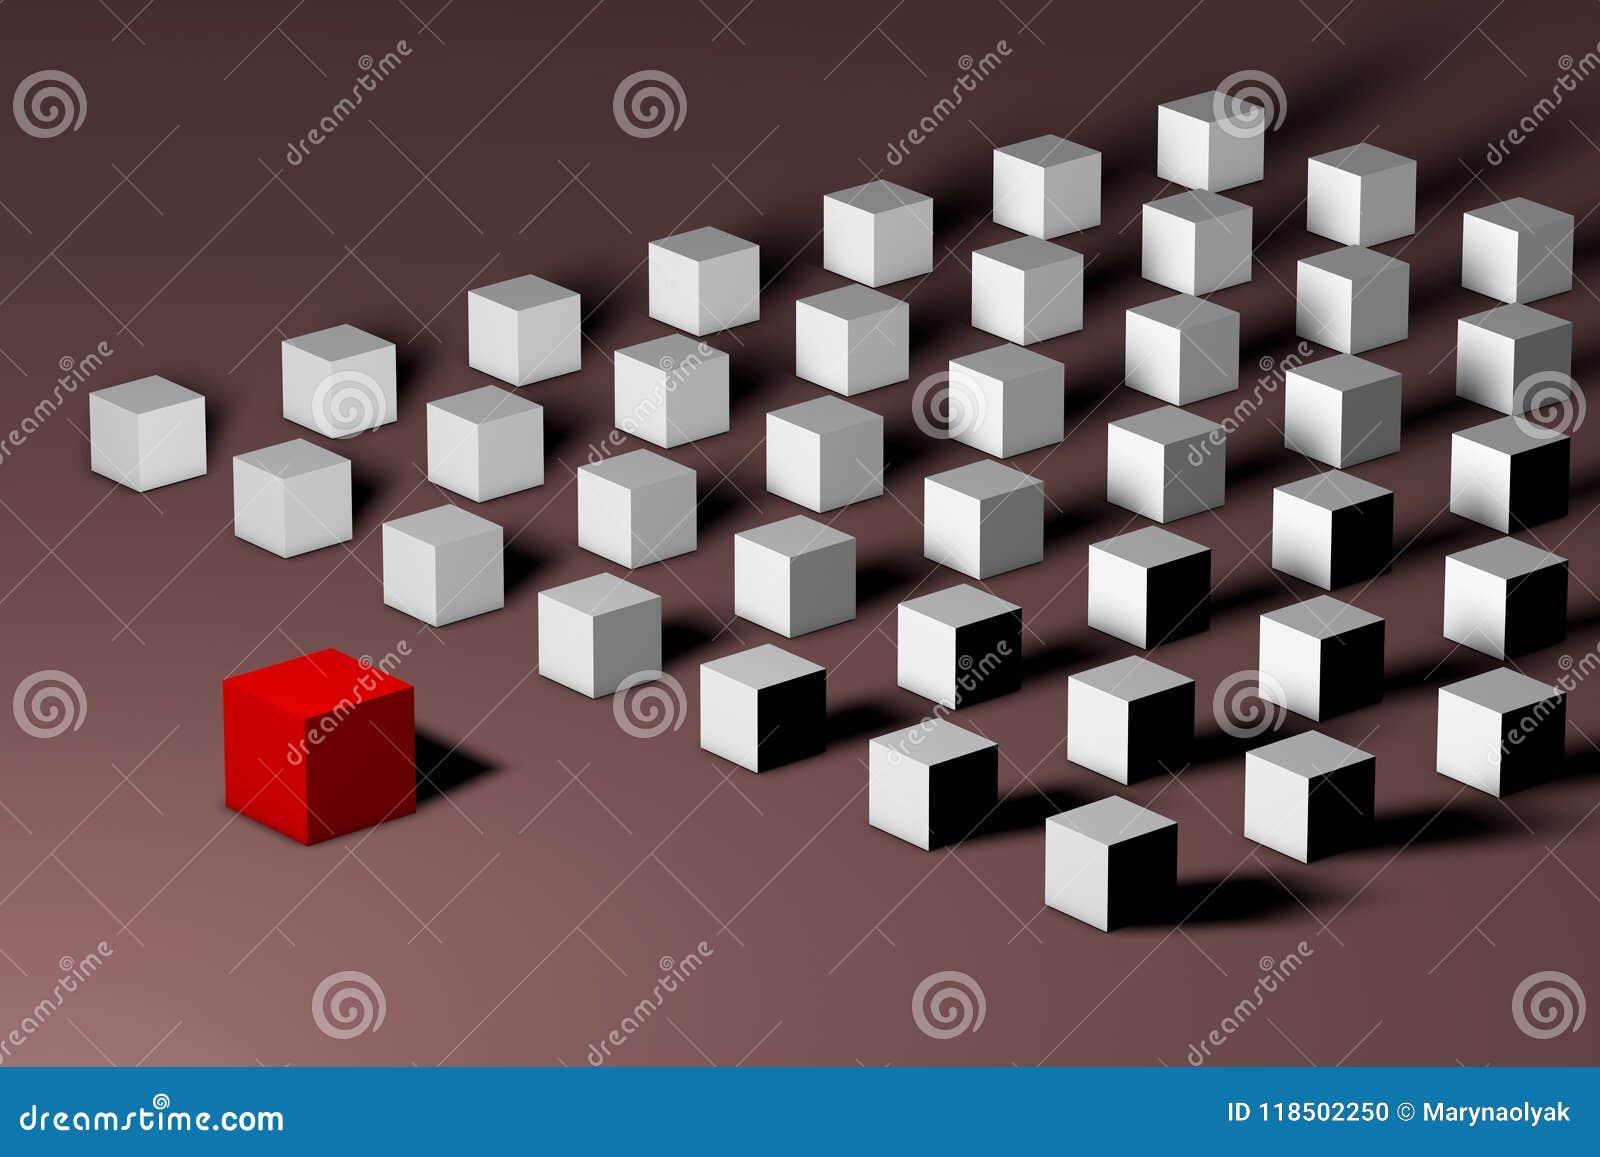 Isometrische rode unieke kubus voor vele witte degenen Leiding, uniciteit, individualiteit, eenzaamheid, verschil en